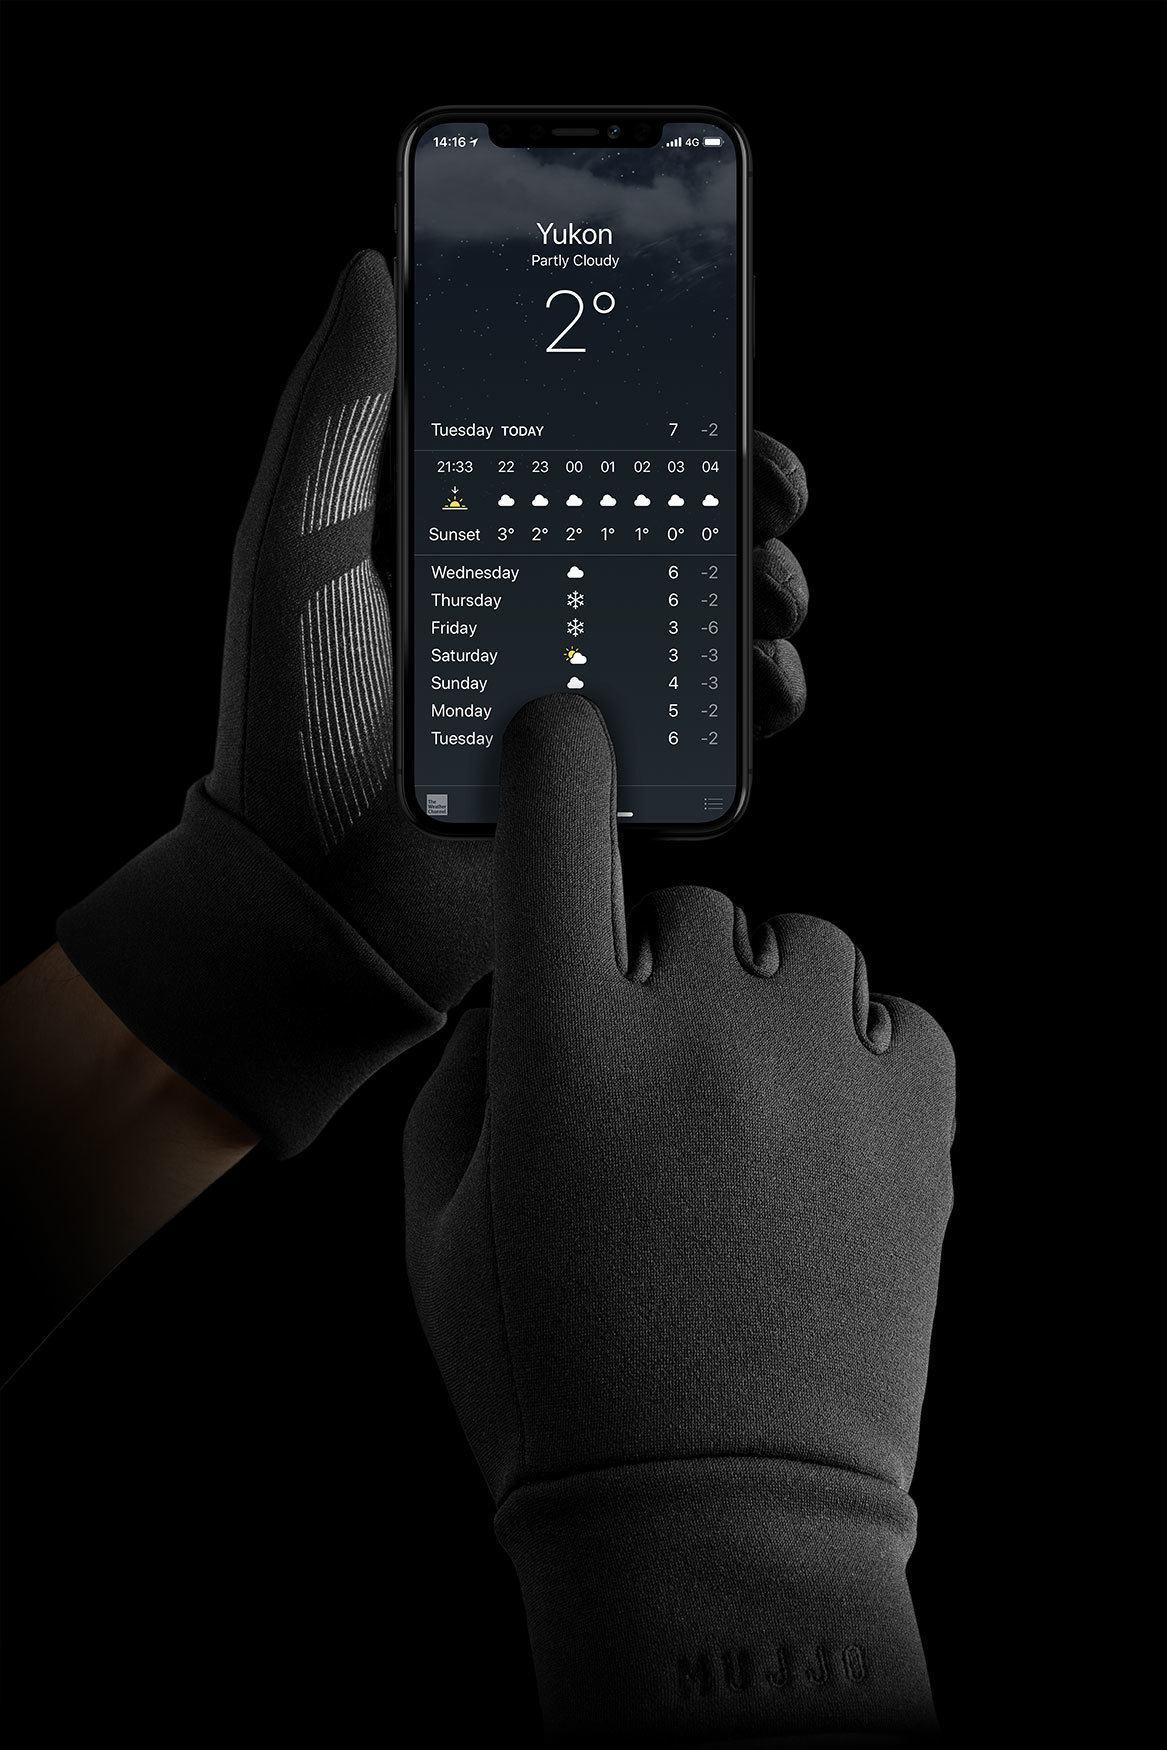 mujjo guanti  🖥 Italiamac - Mujjo aggiorna i guanti touch screen